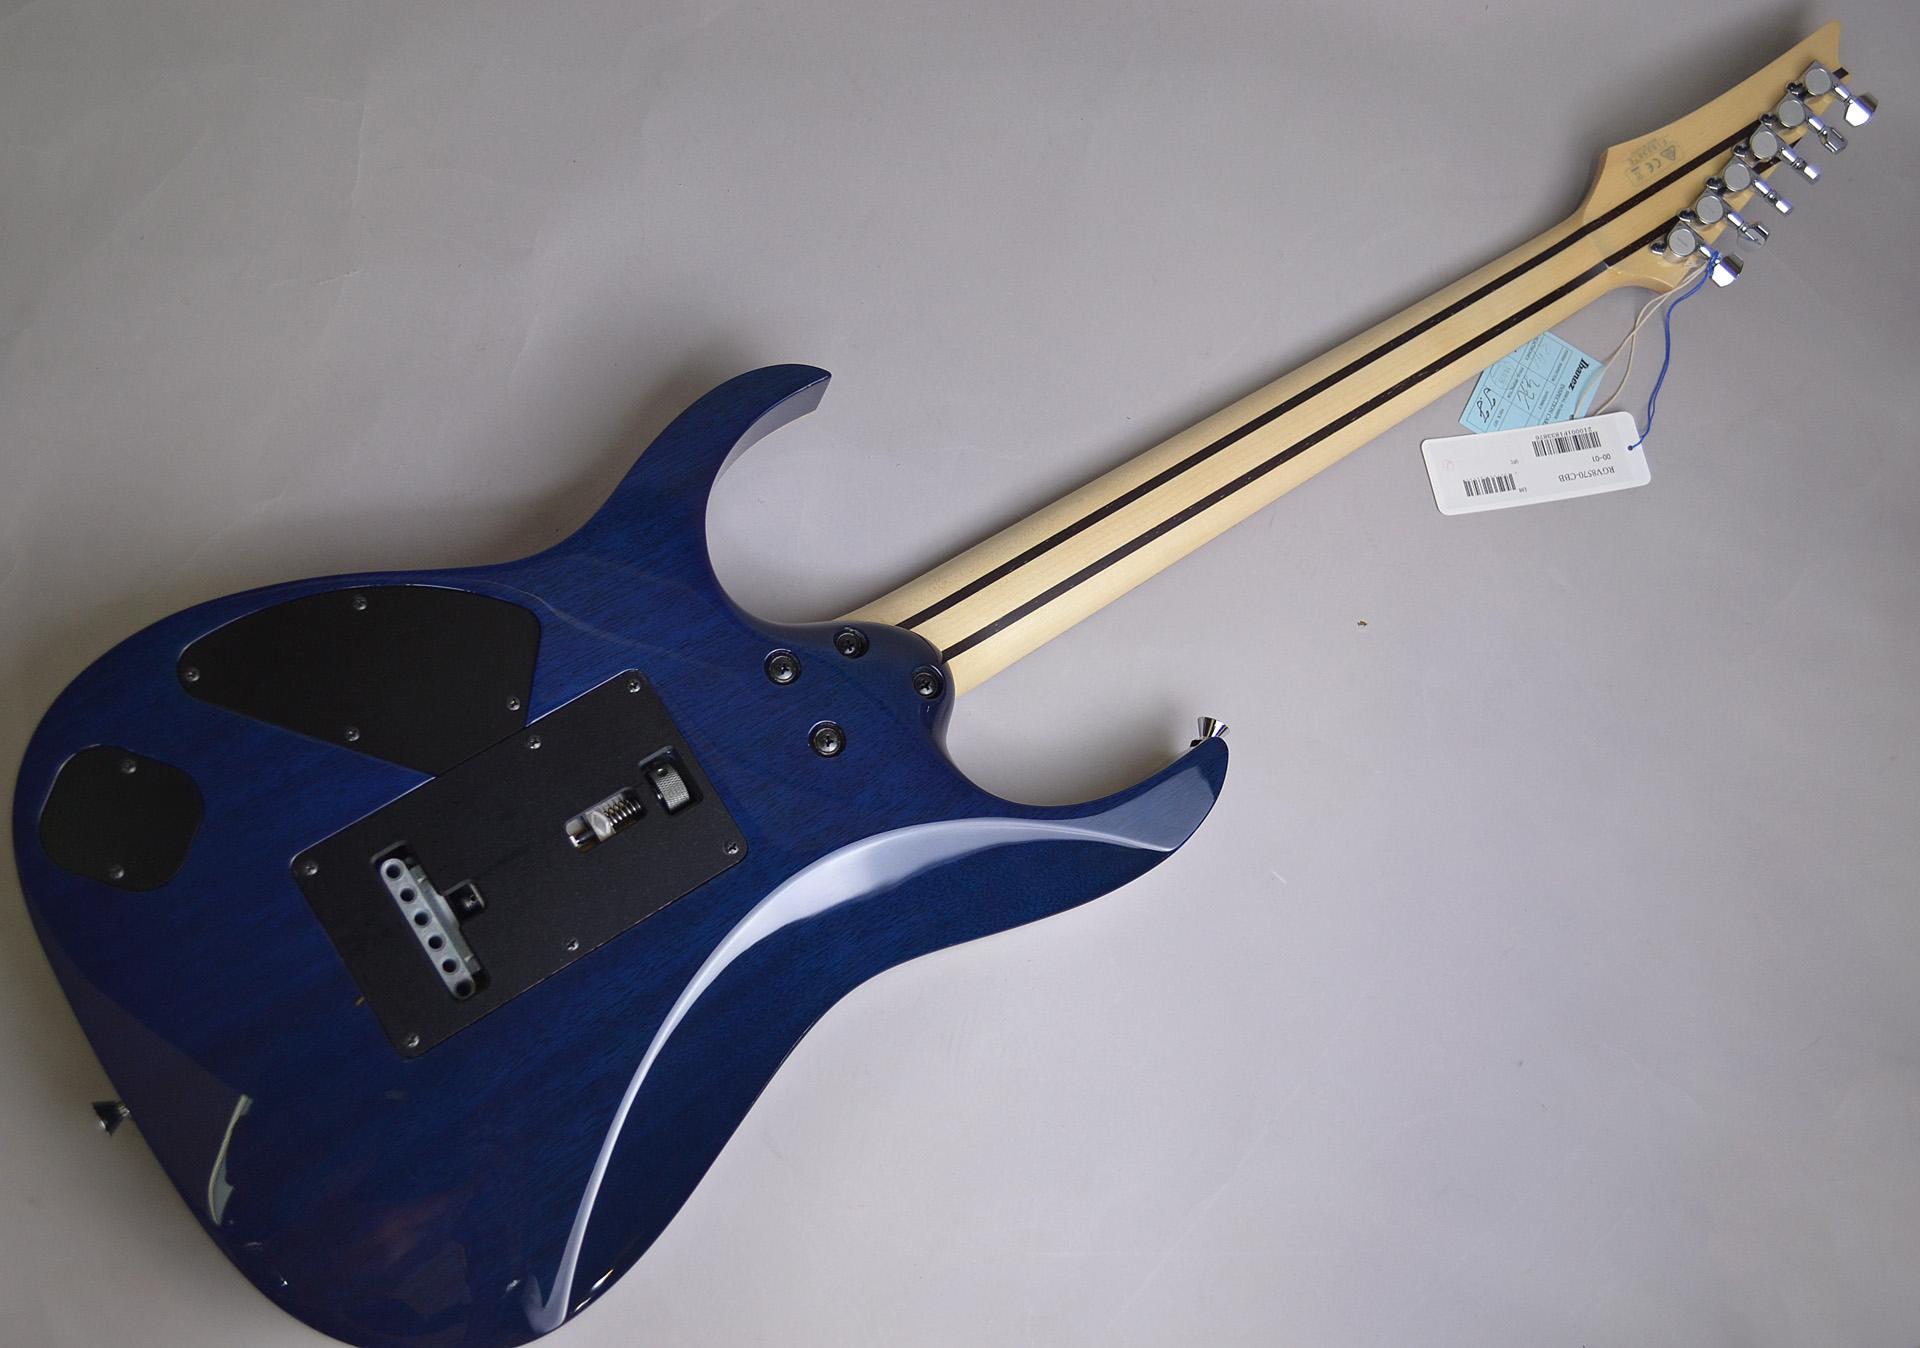 RGV8570-CBB Cerulean Blue Burst 特注J-Customの全体画像(縦)